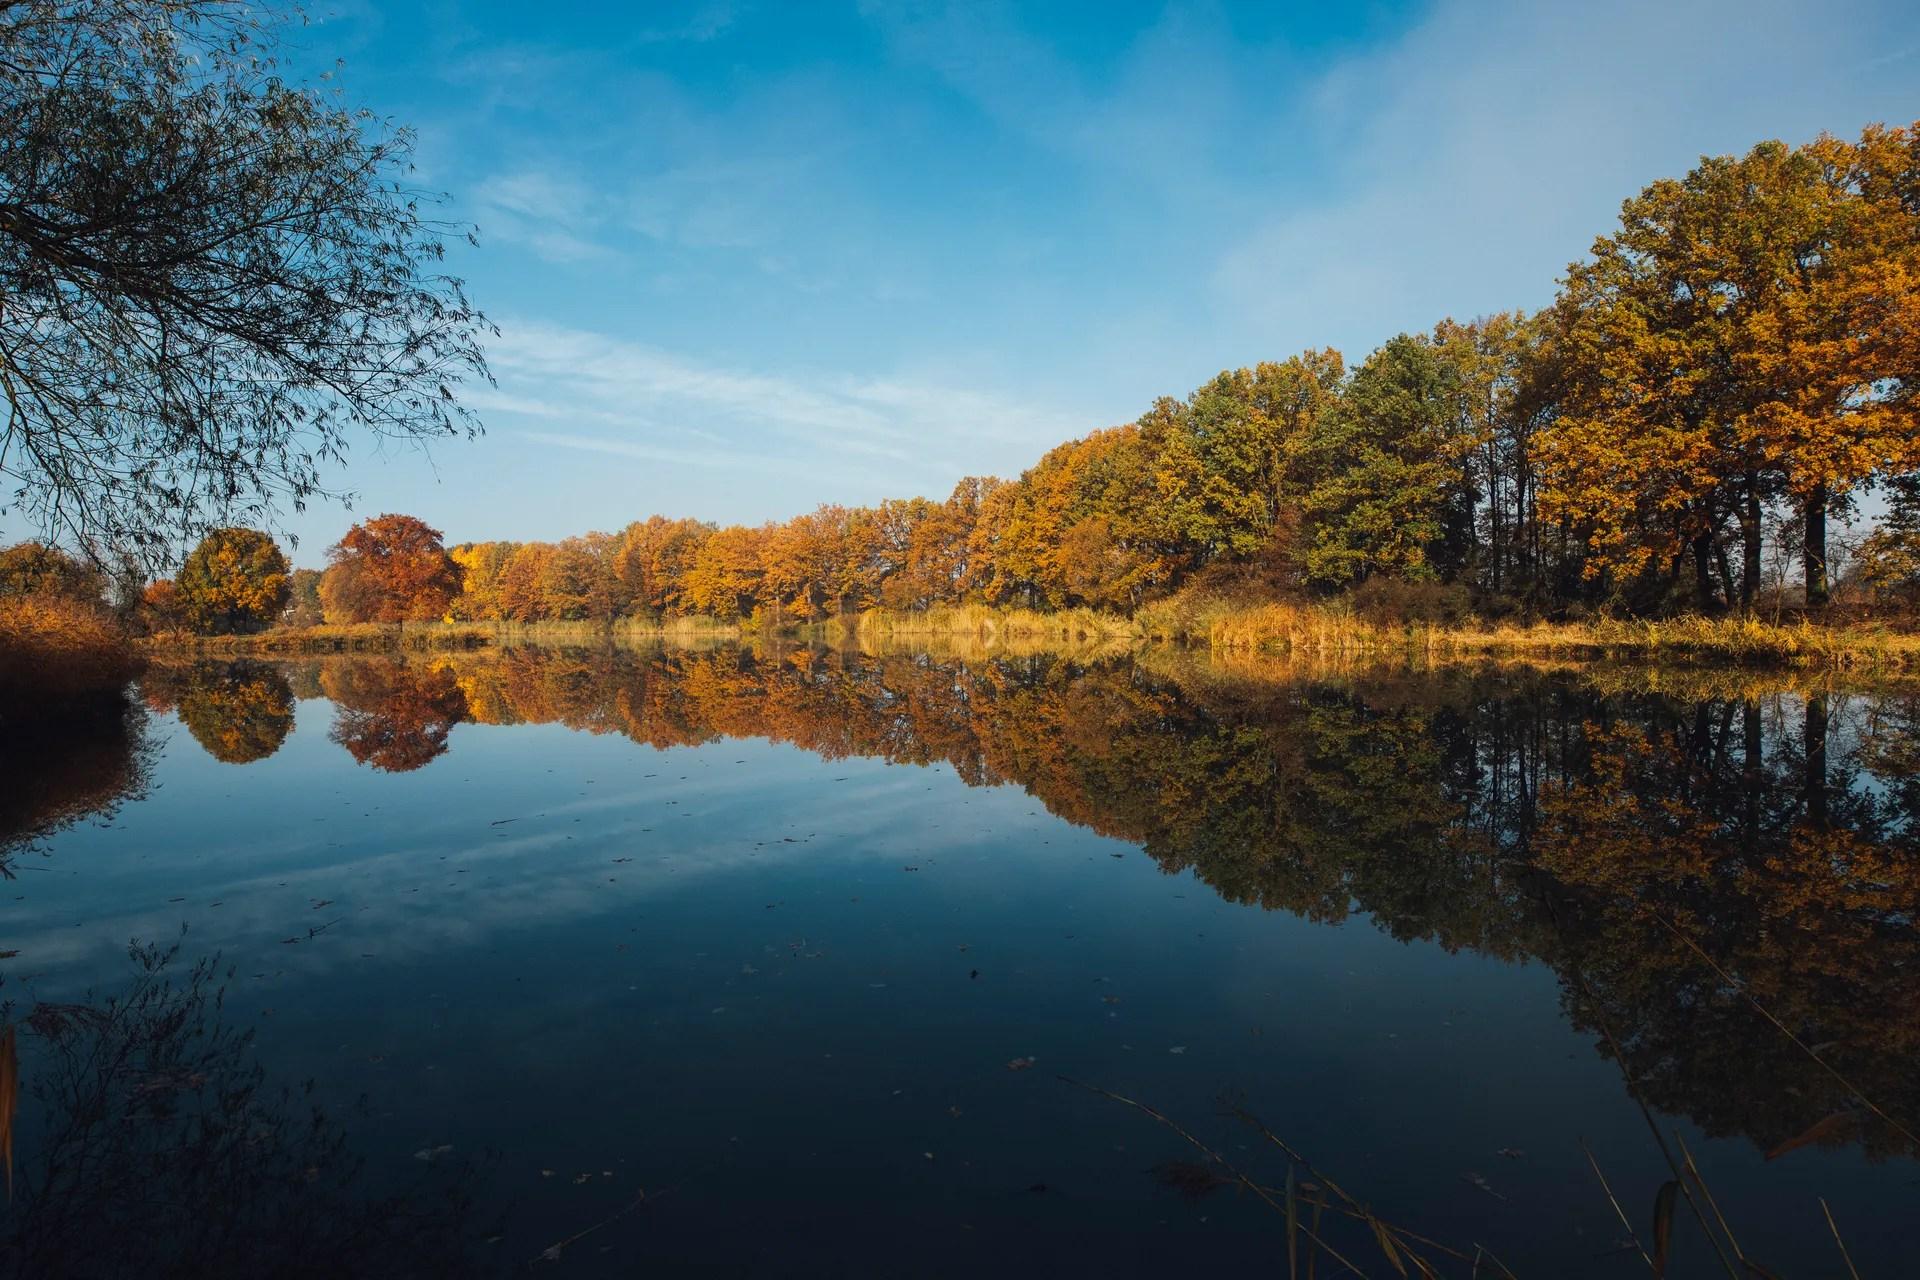 Cool 3d Wallpaper Websites Anime Mecha Battles Widescreen Wallpaper Wide Wallpapers Net